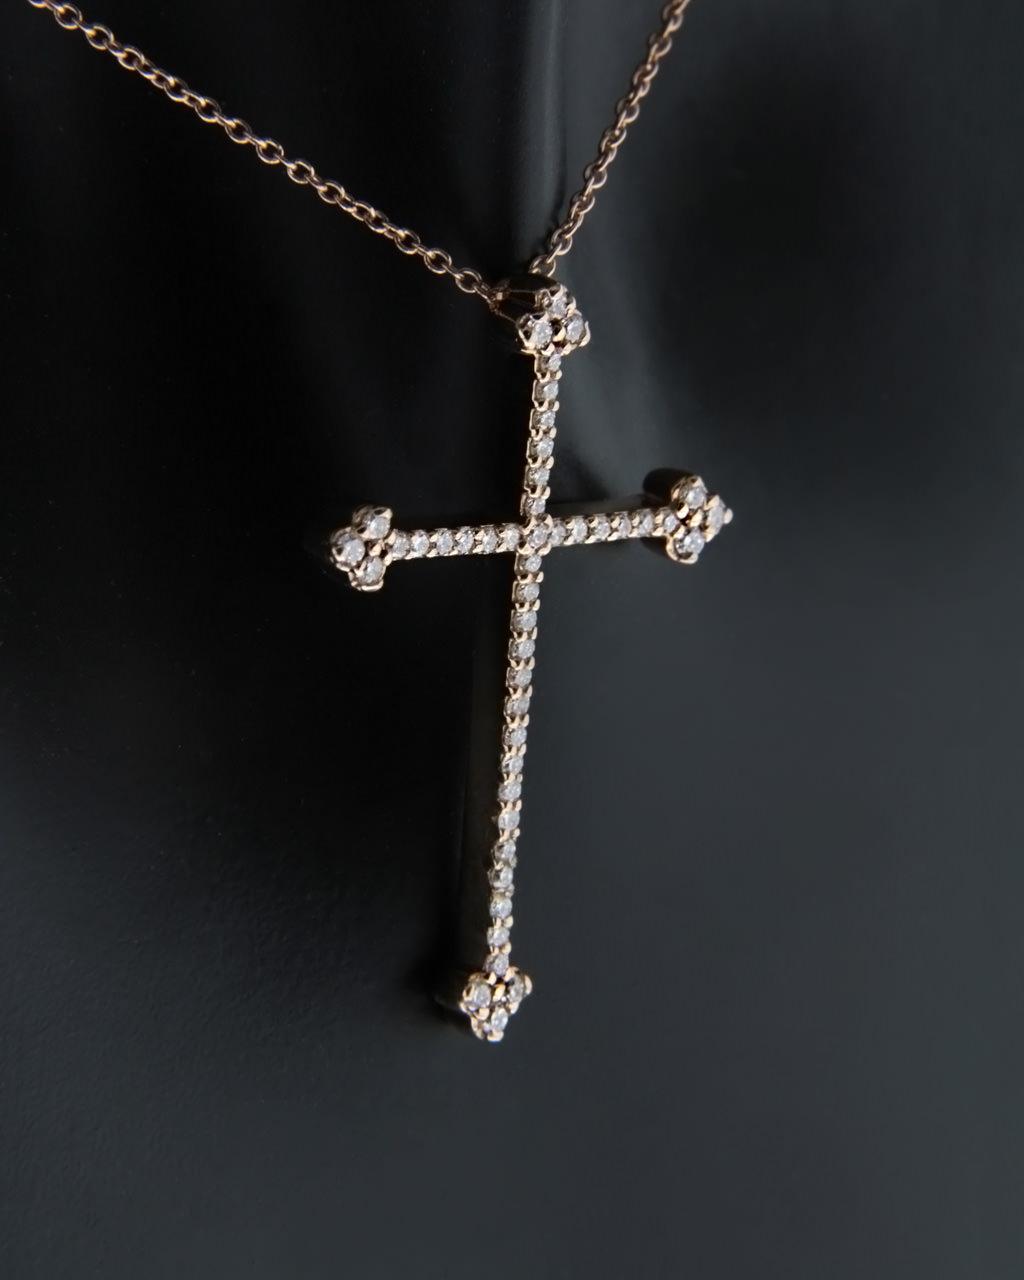 Σταυρός ροζ χρυσός Κ18 με Διαμάντια   γαμοσ νυφικό κόσμημα